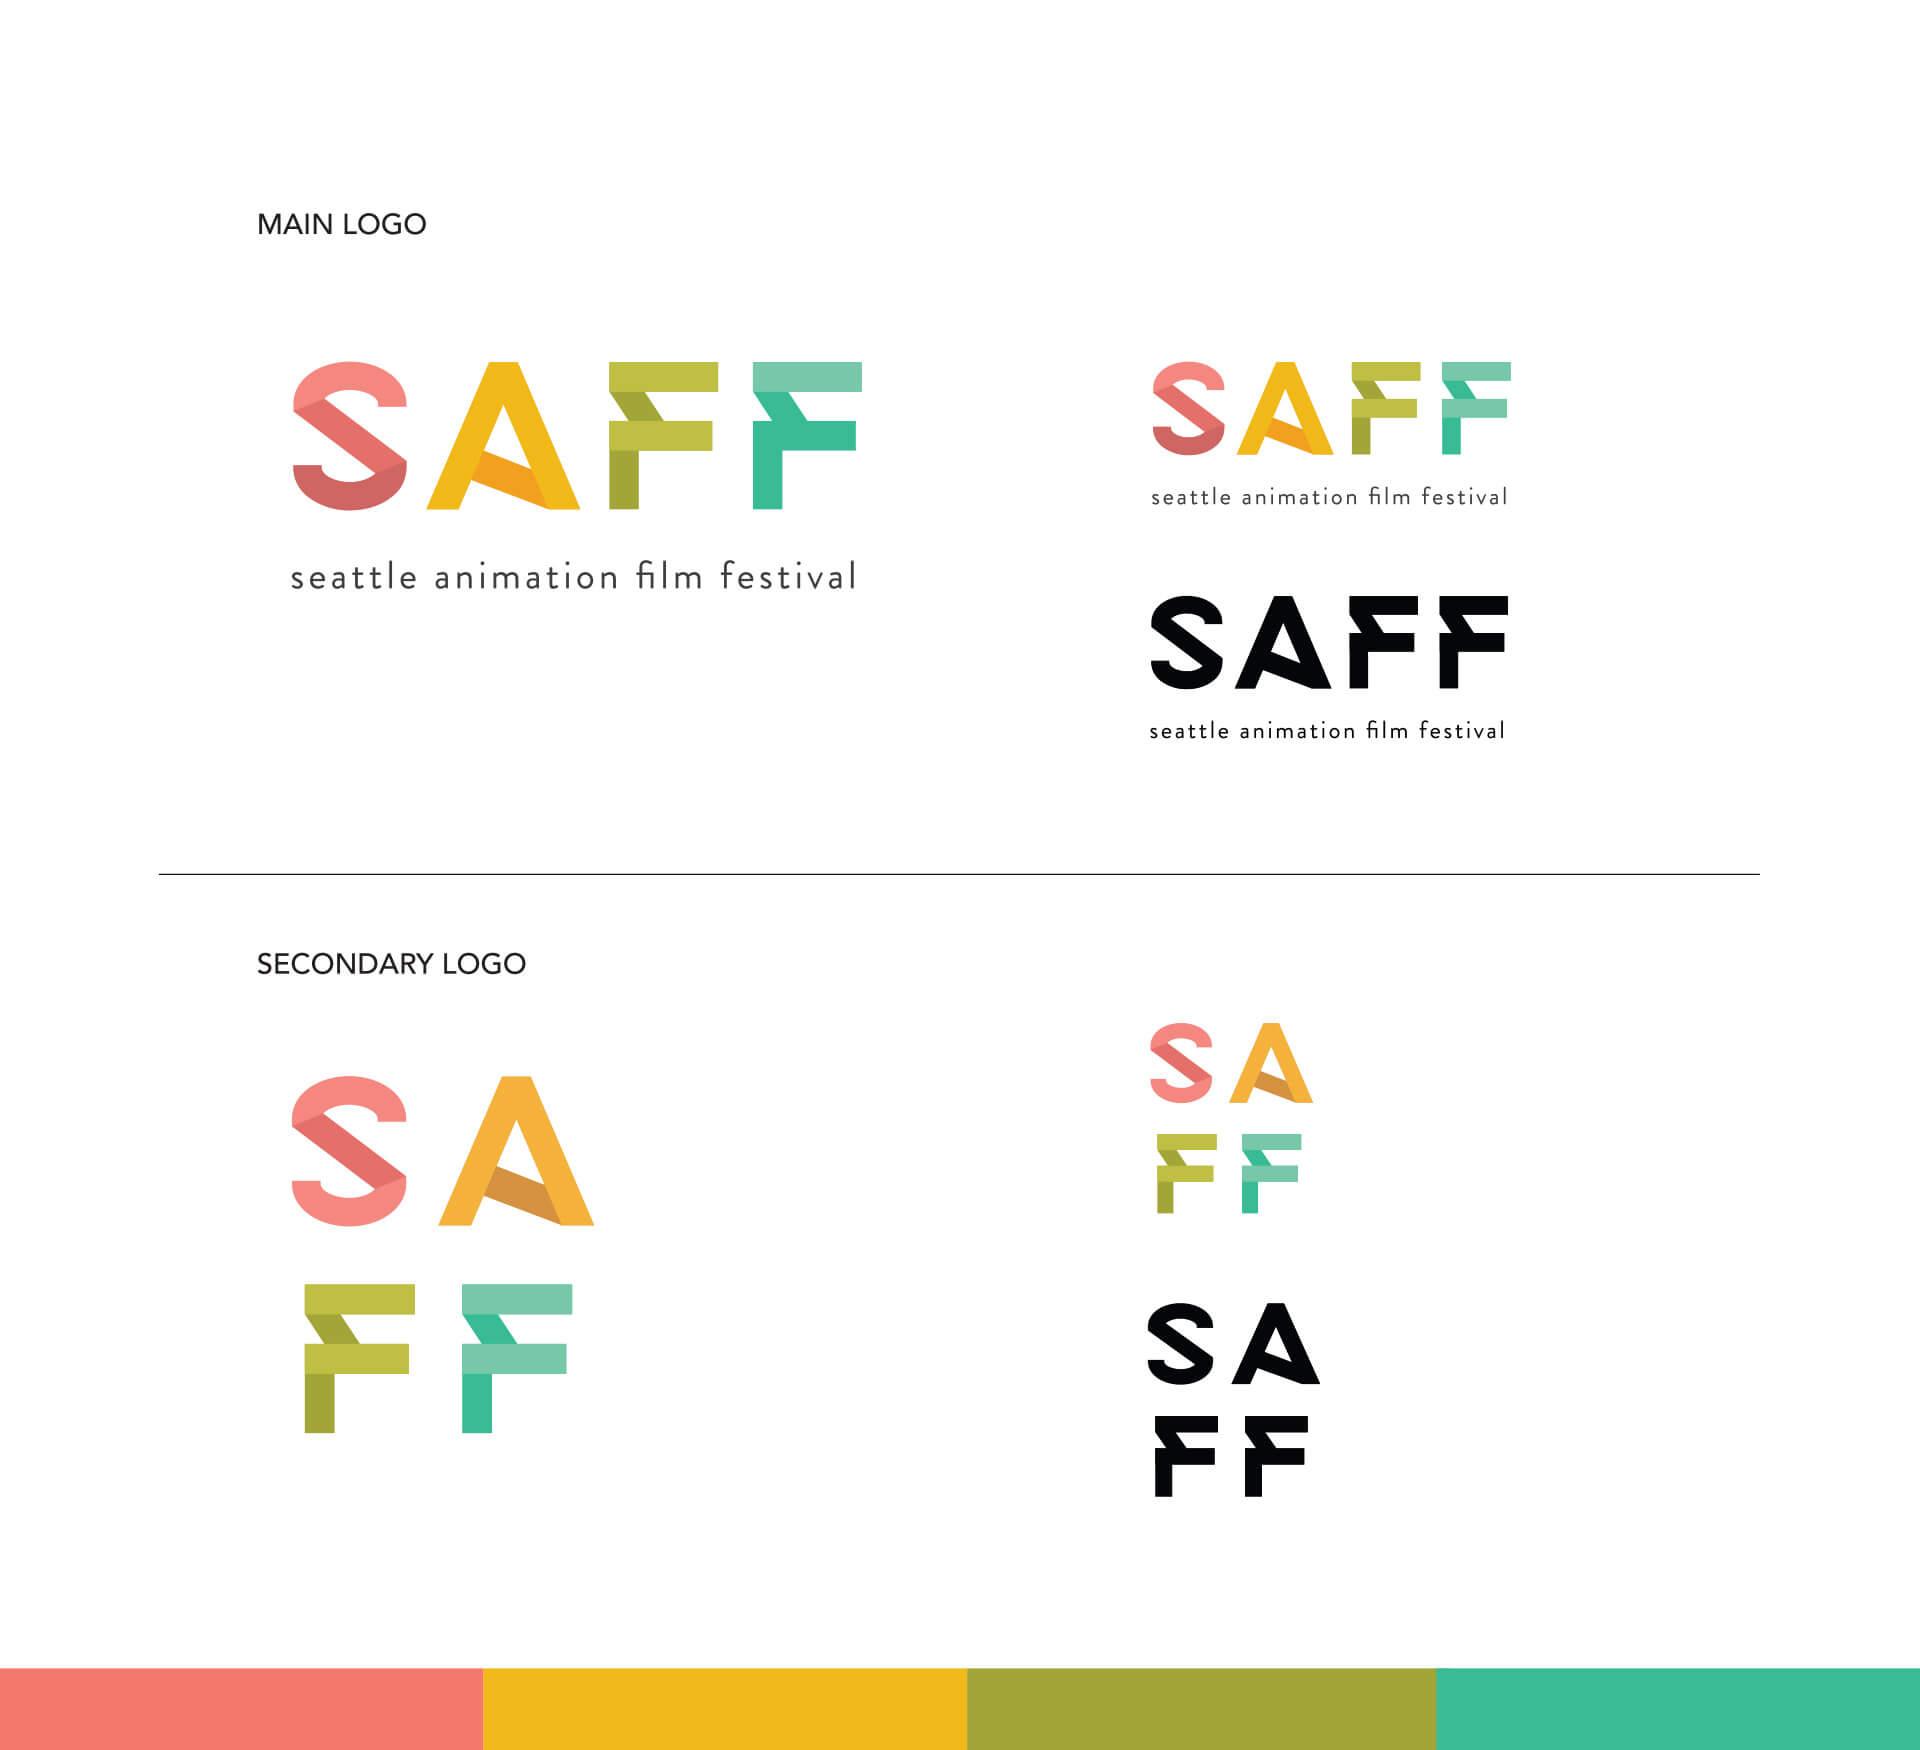 saff-logos